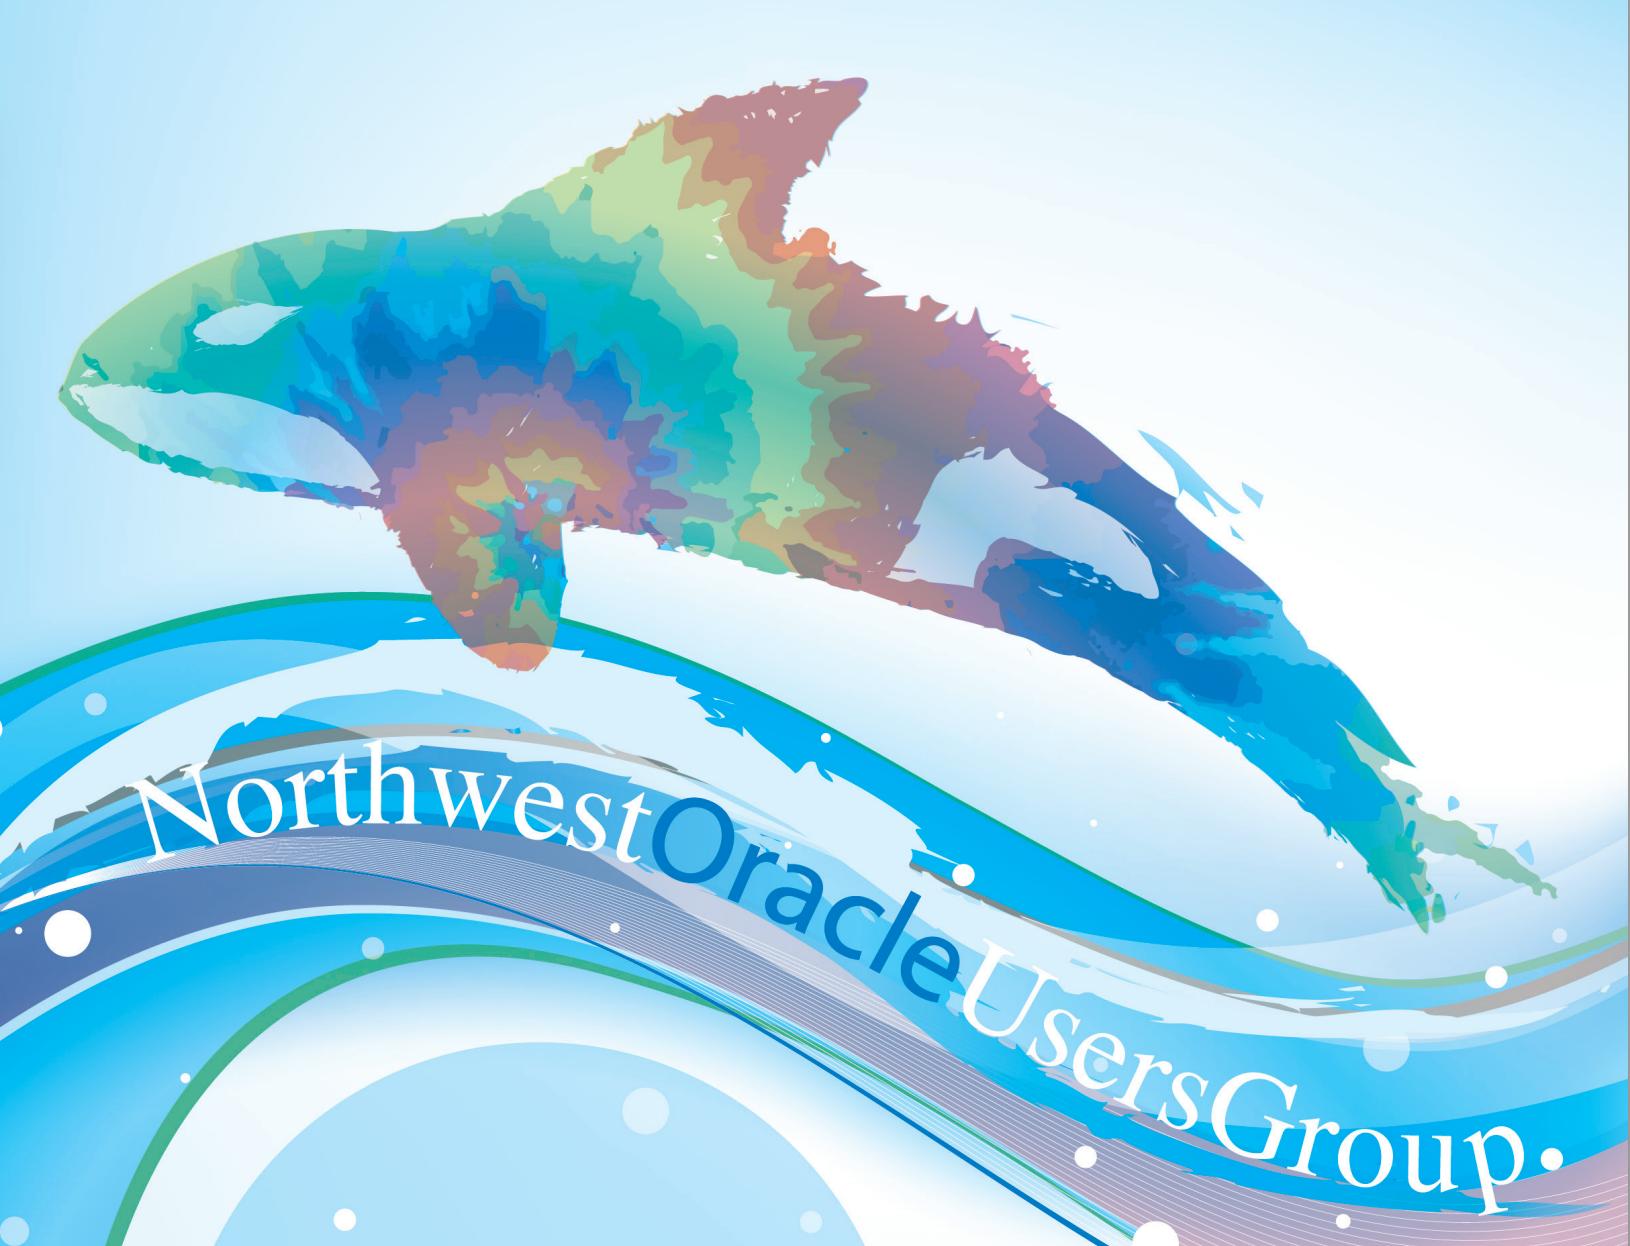 NWOUG 2019 Seattle Training Day - Events - NorthWest Oracle